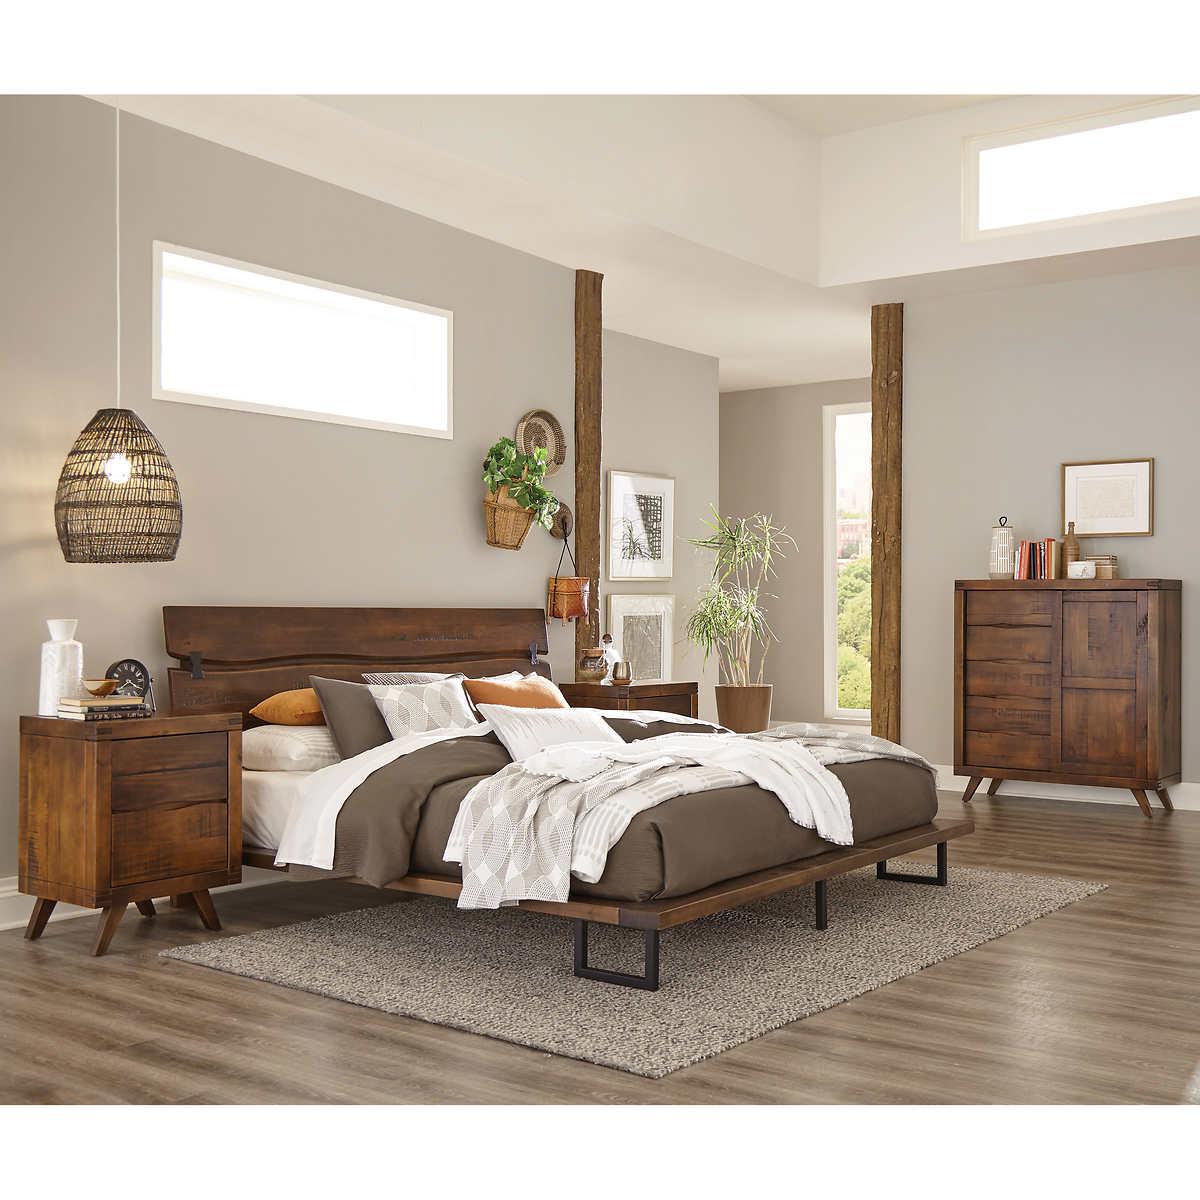 Aiden 4 Piece Queen Bedroom Set